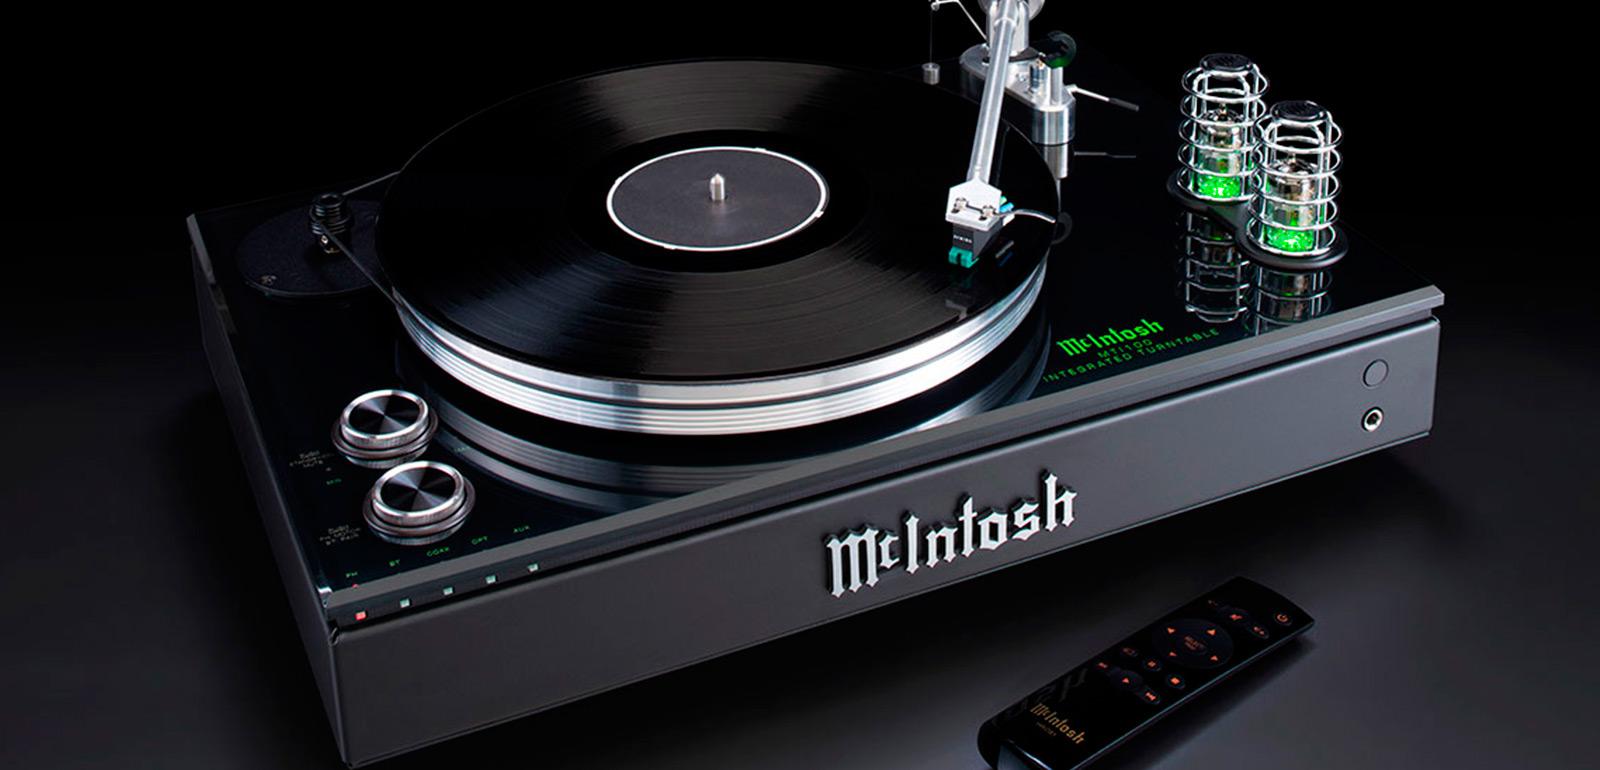 McIntosh MTI100 Integrated Turntable